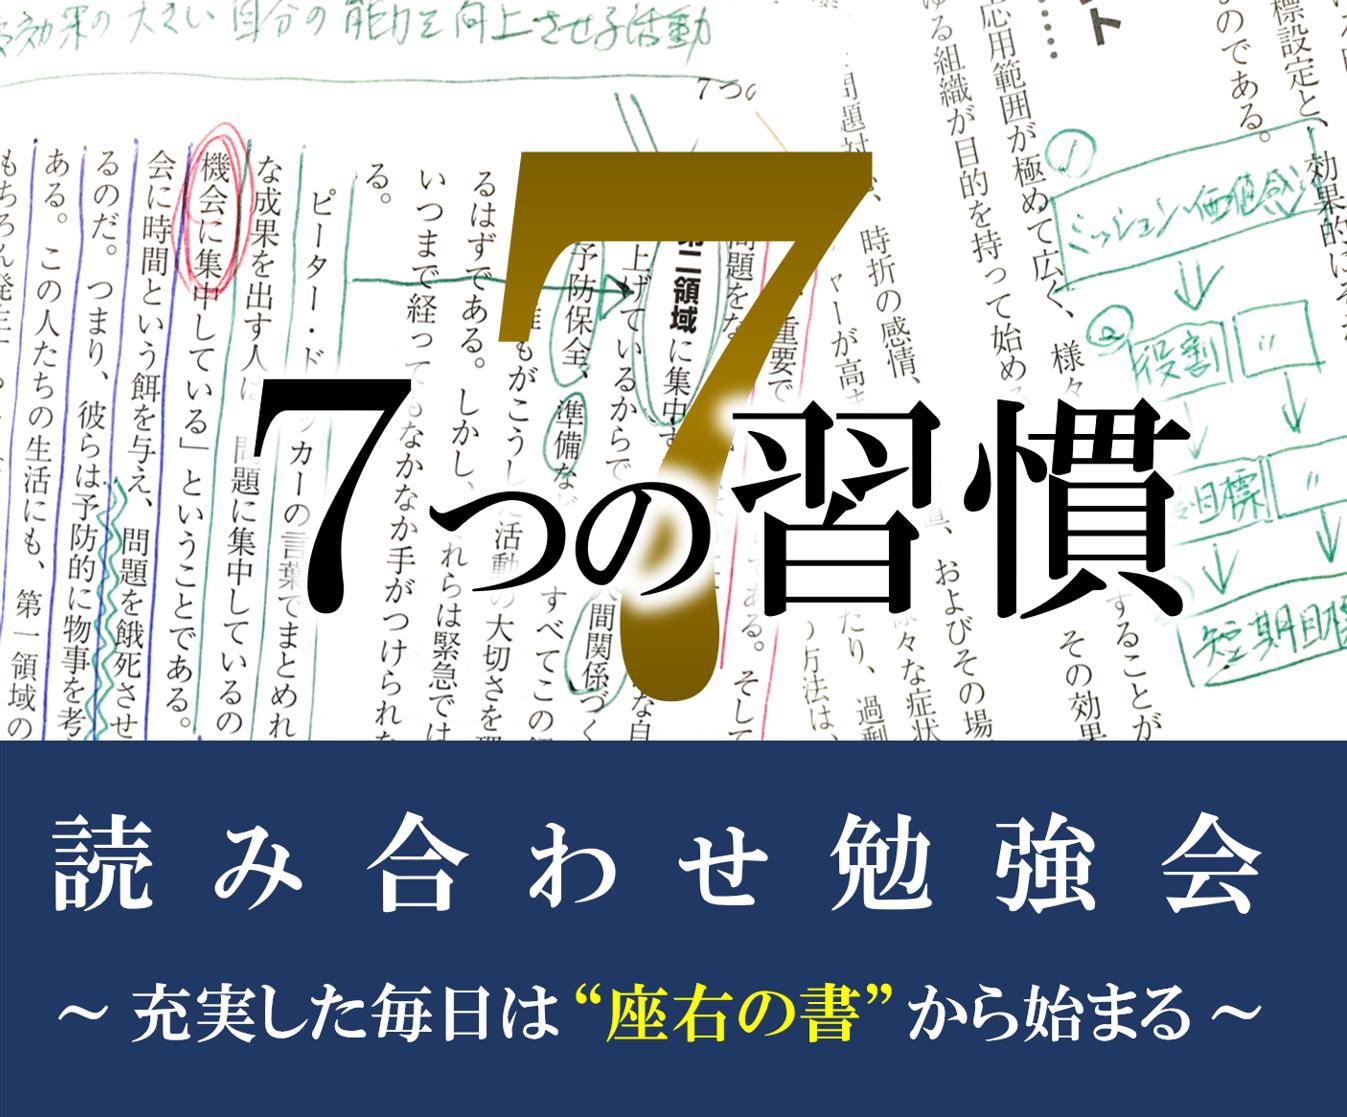 【会員限定】2020年7月度『「7つの習慣」読み合わせ会』収録動画